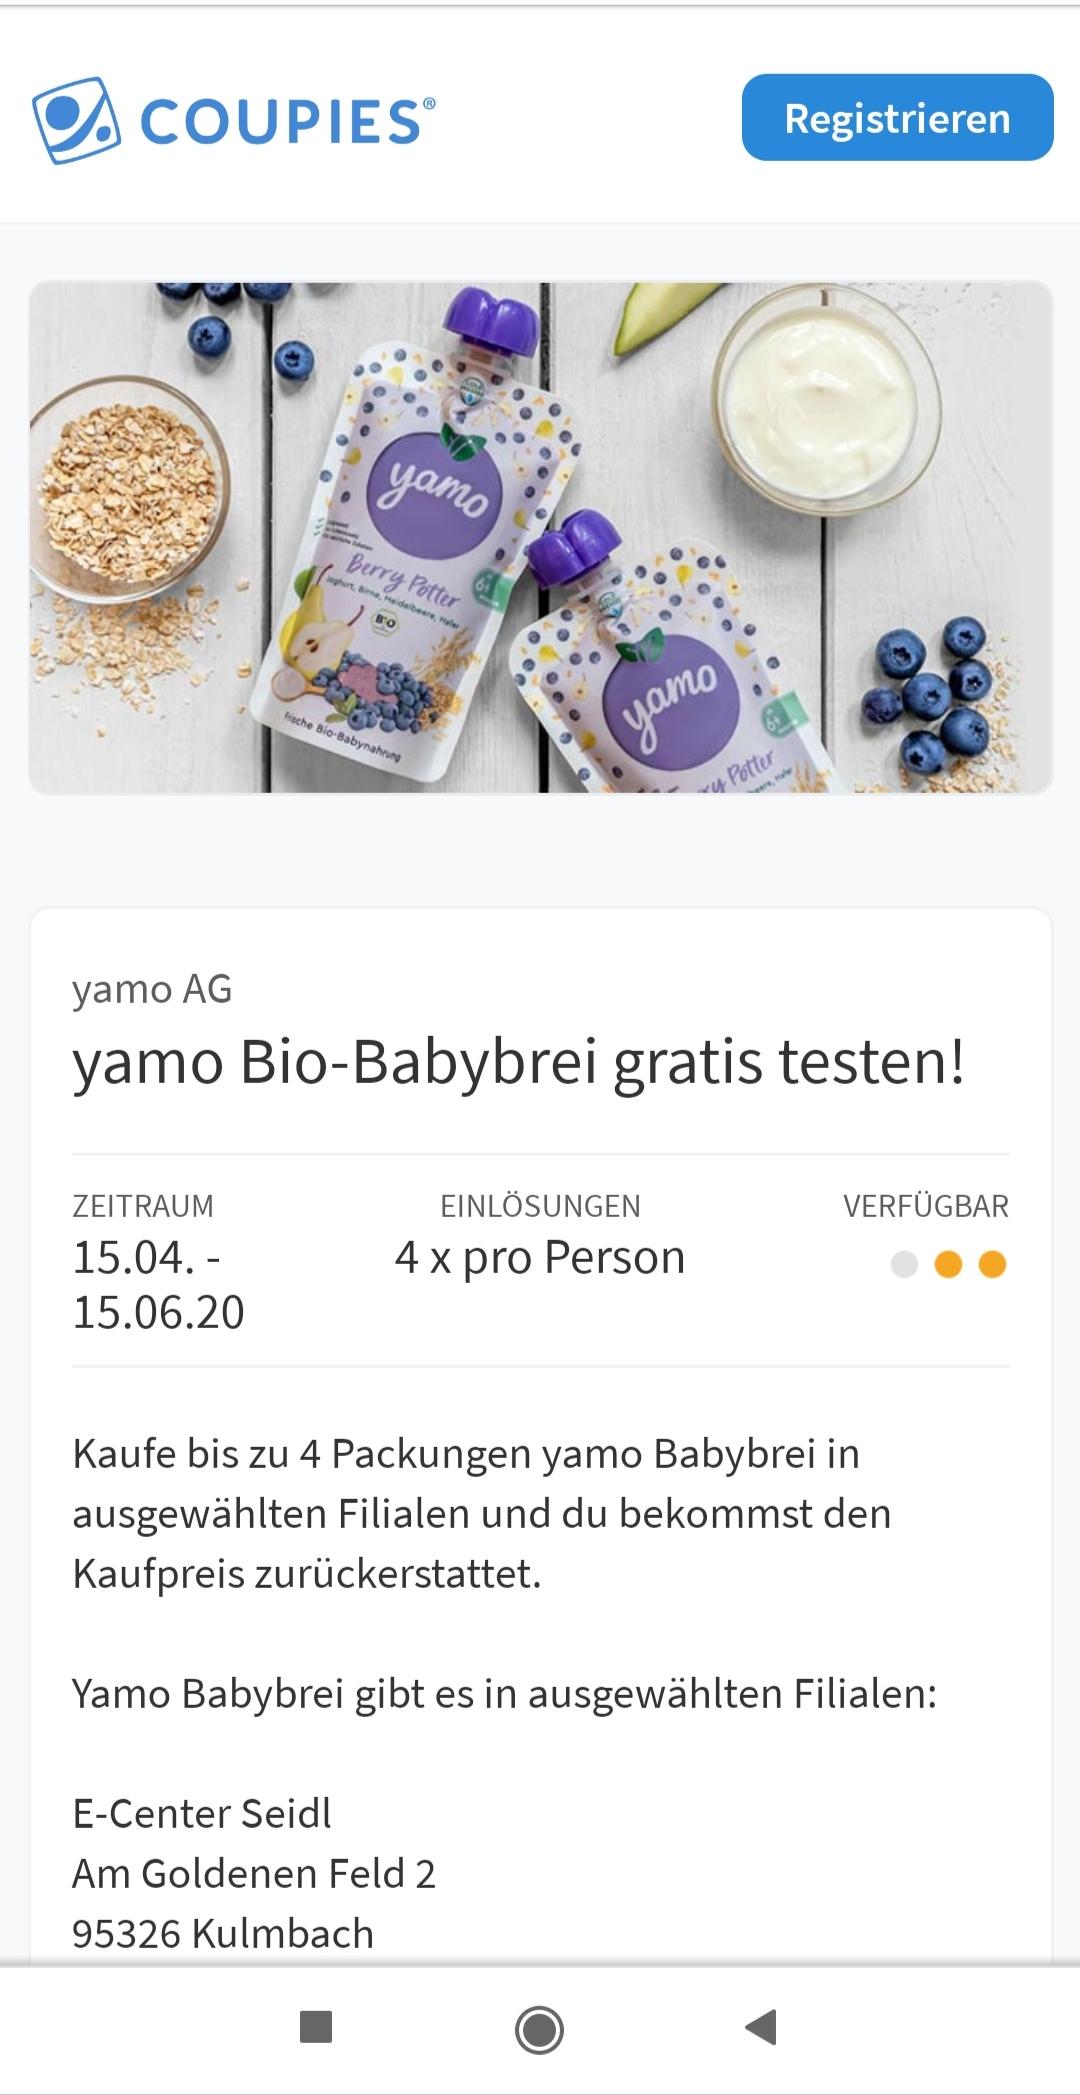 Coupies Gratis Cashback Yamo Bio Babybrei in ausgewählten Geschäften